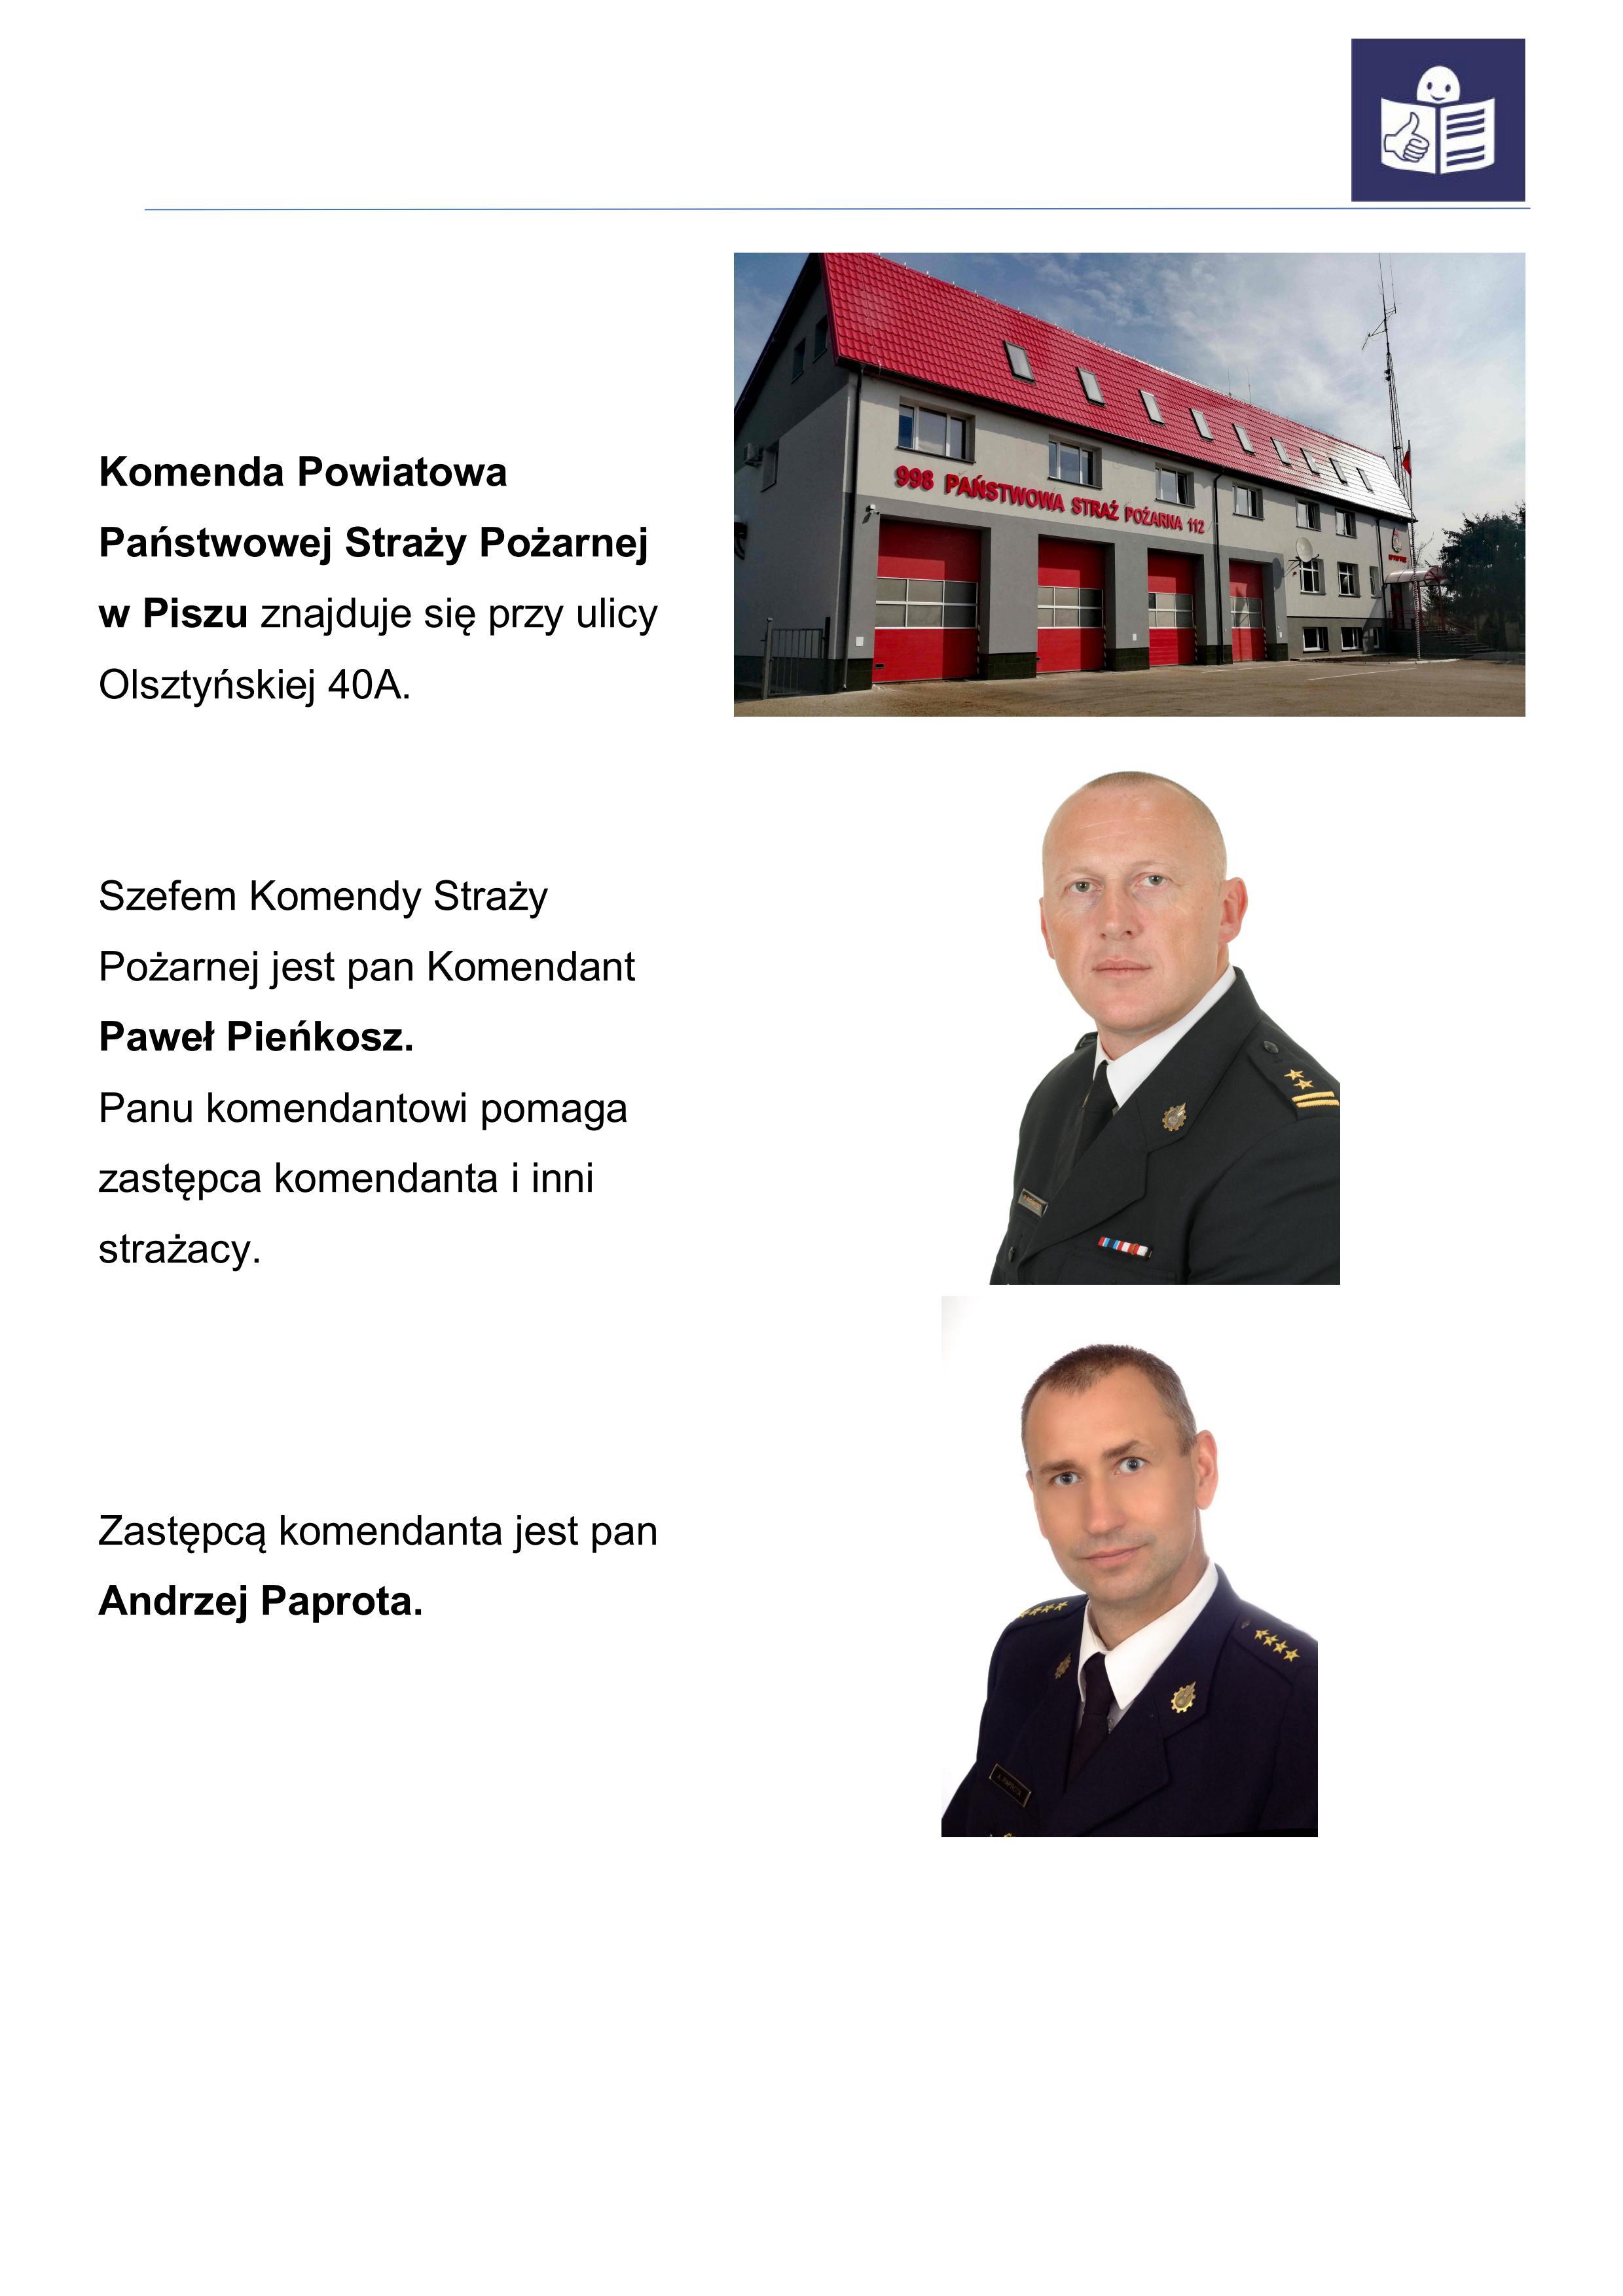 Tekst o straży pożarnej